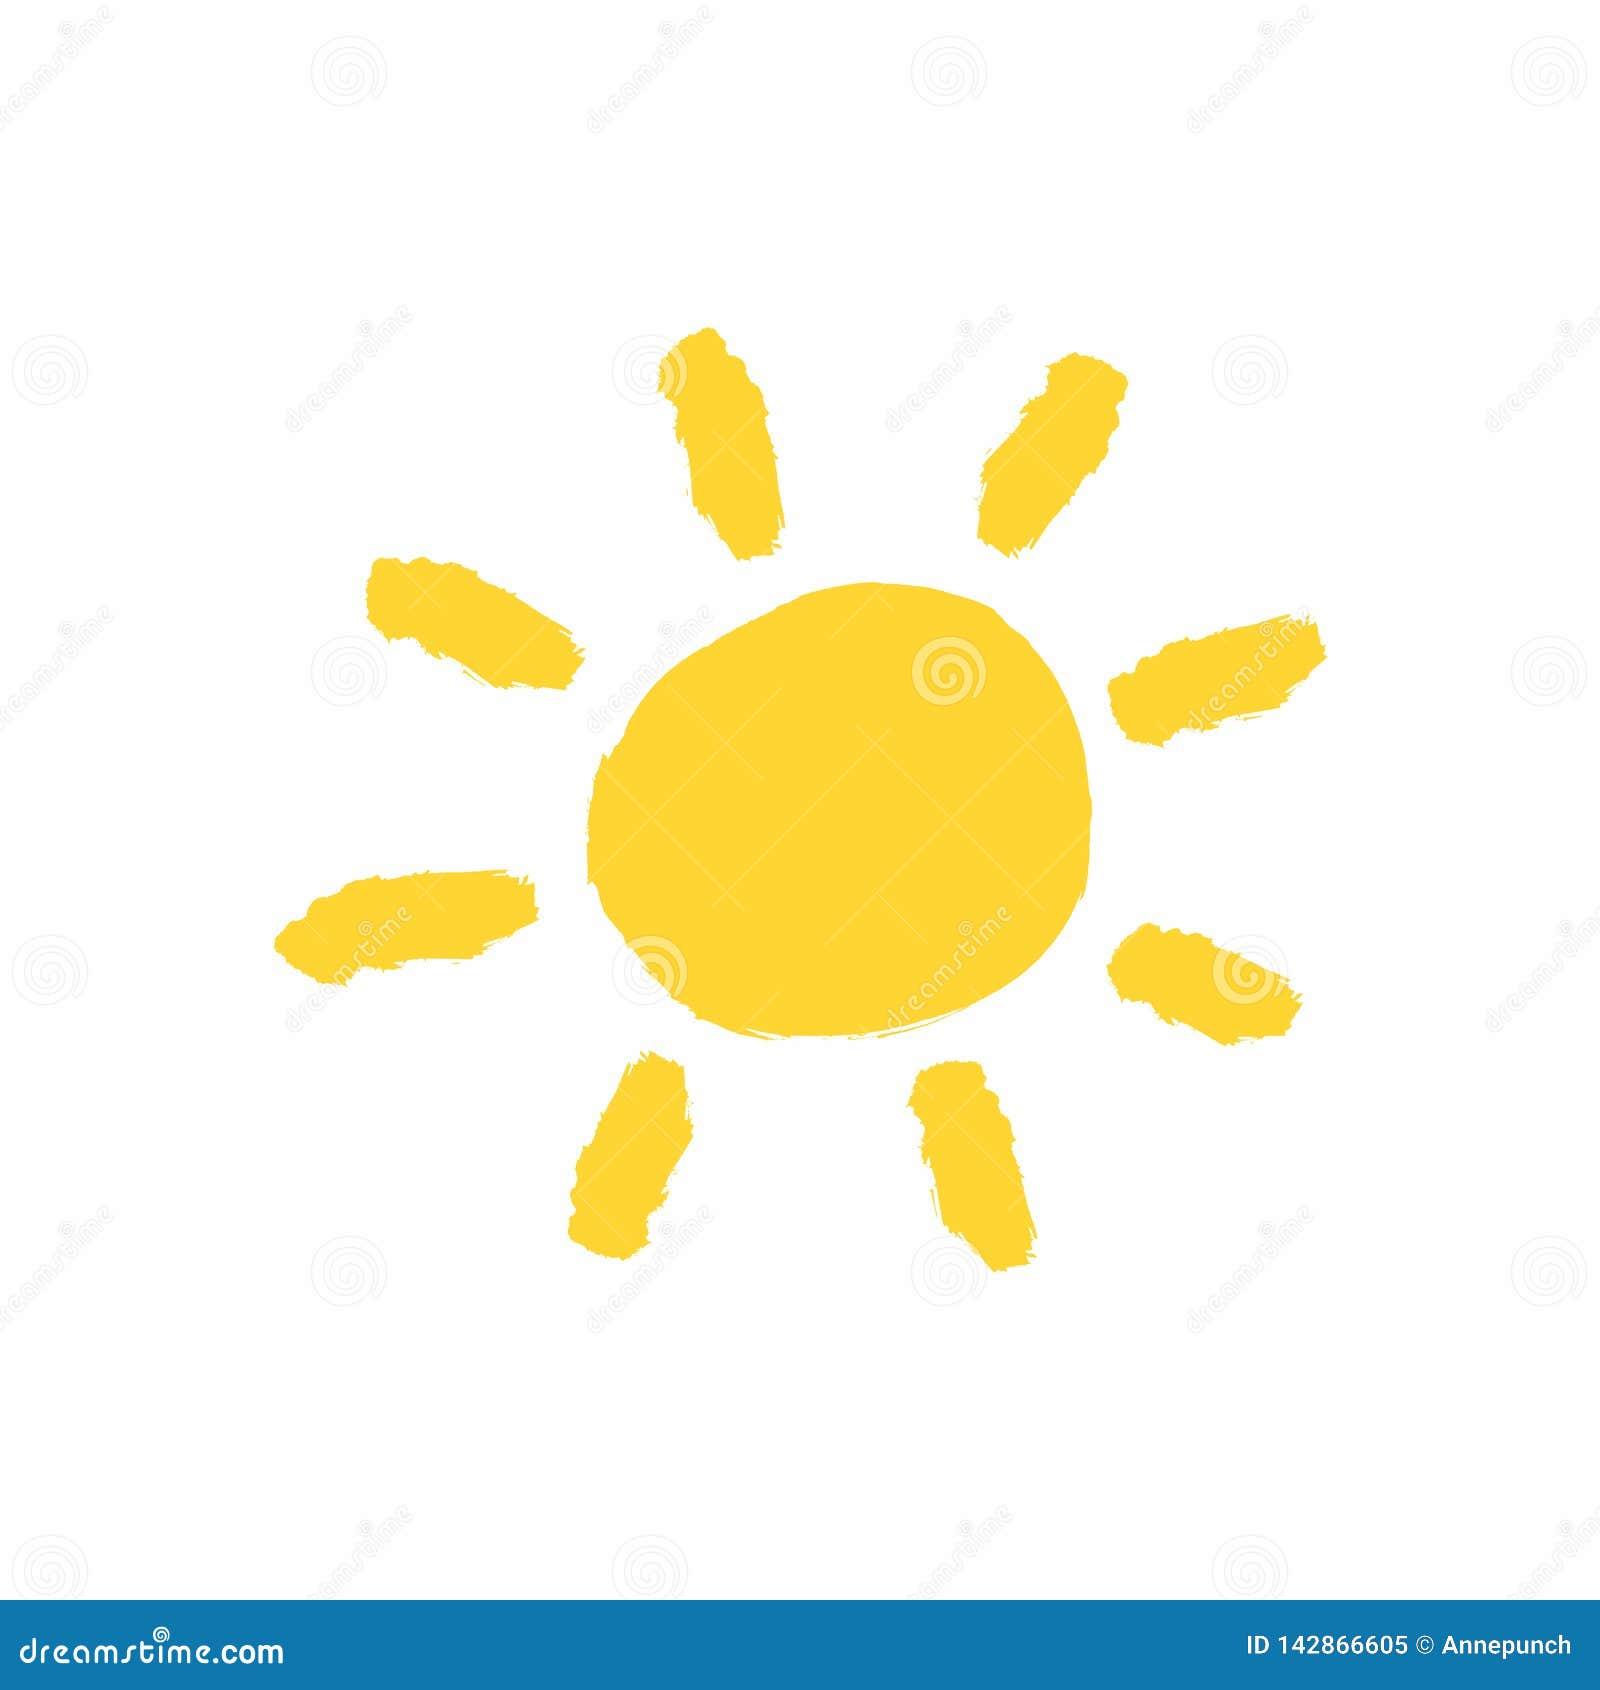 Gelbe Sonne eigenhändig gezeichnet mit Aquarellbürste Schmutzikone, Logo, Symbol Skizze, Farbe, Graffiti